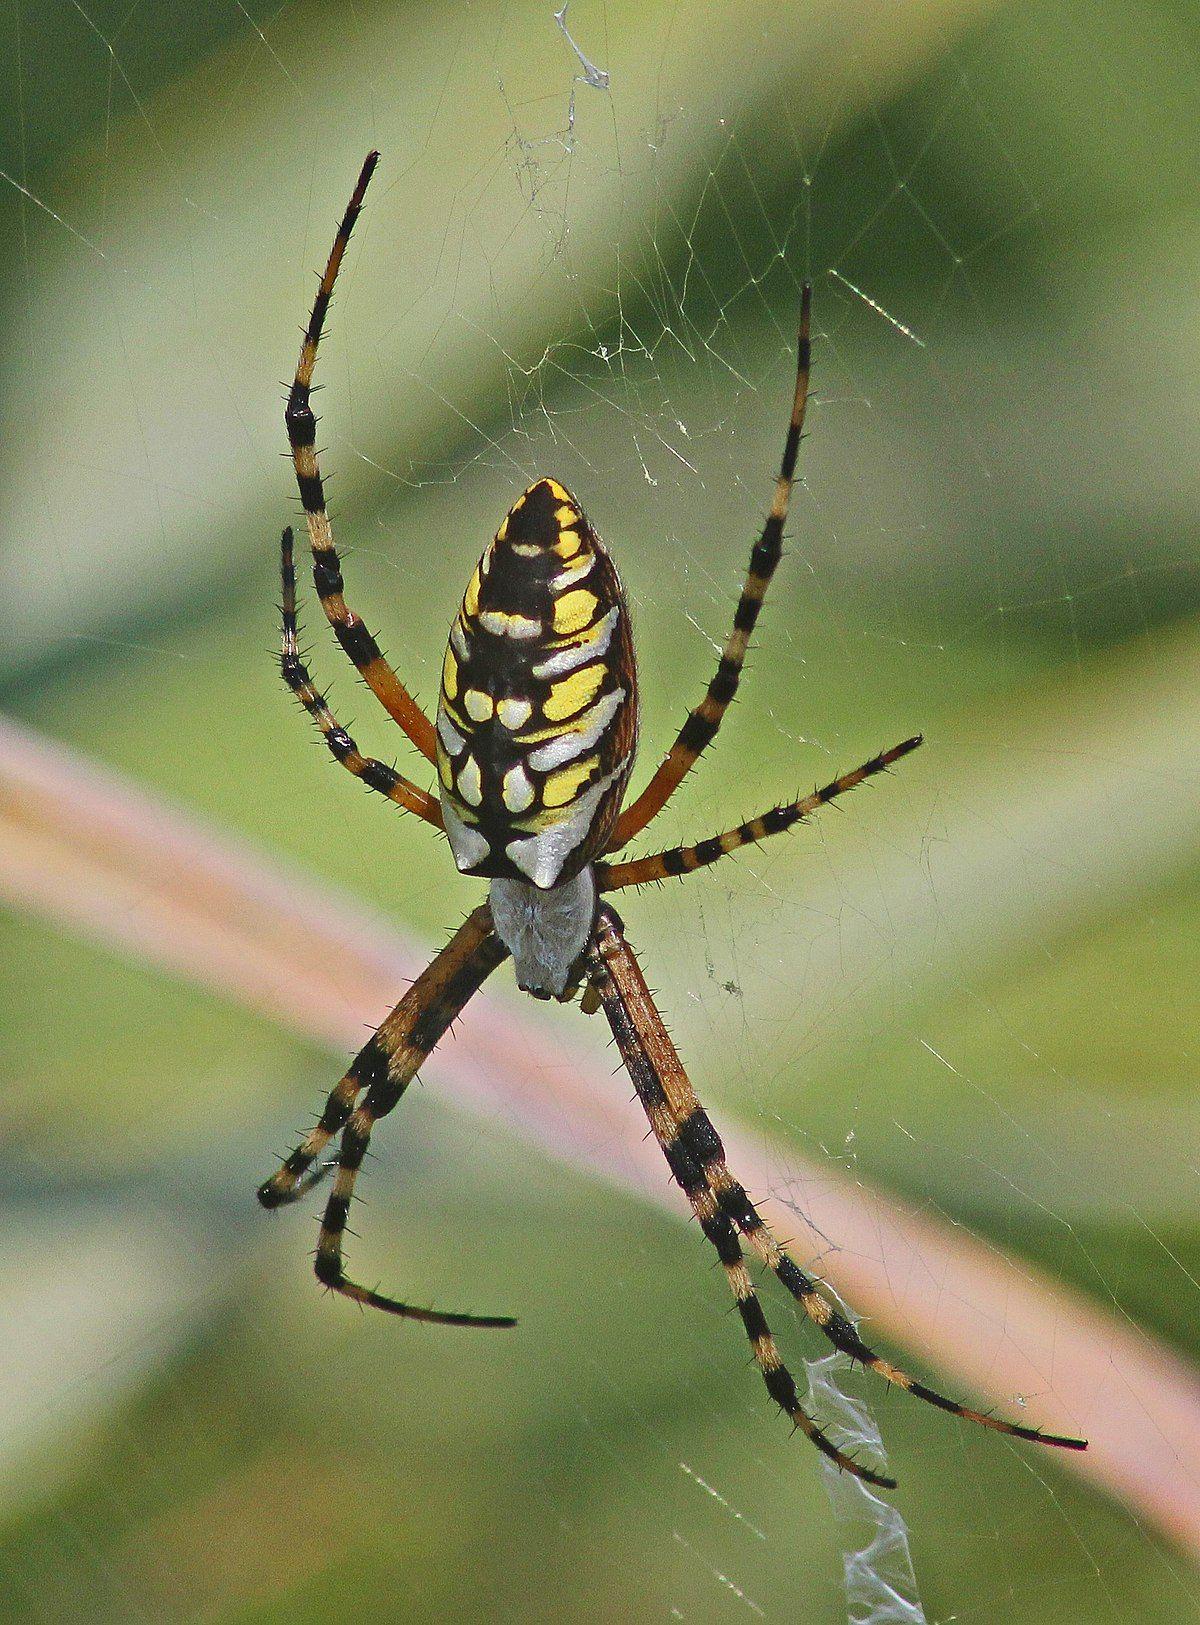 Argiope aurantia Wikipedia Garden spider, Garden pests